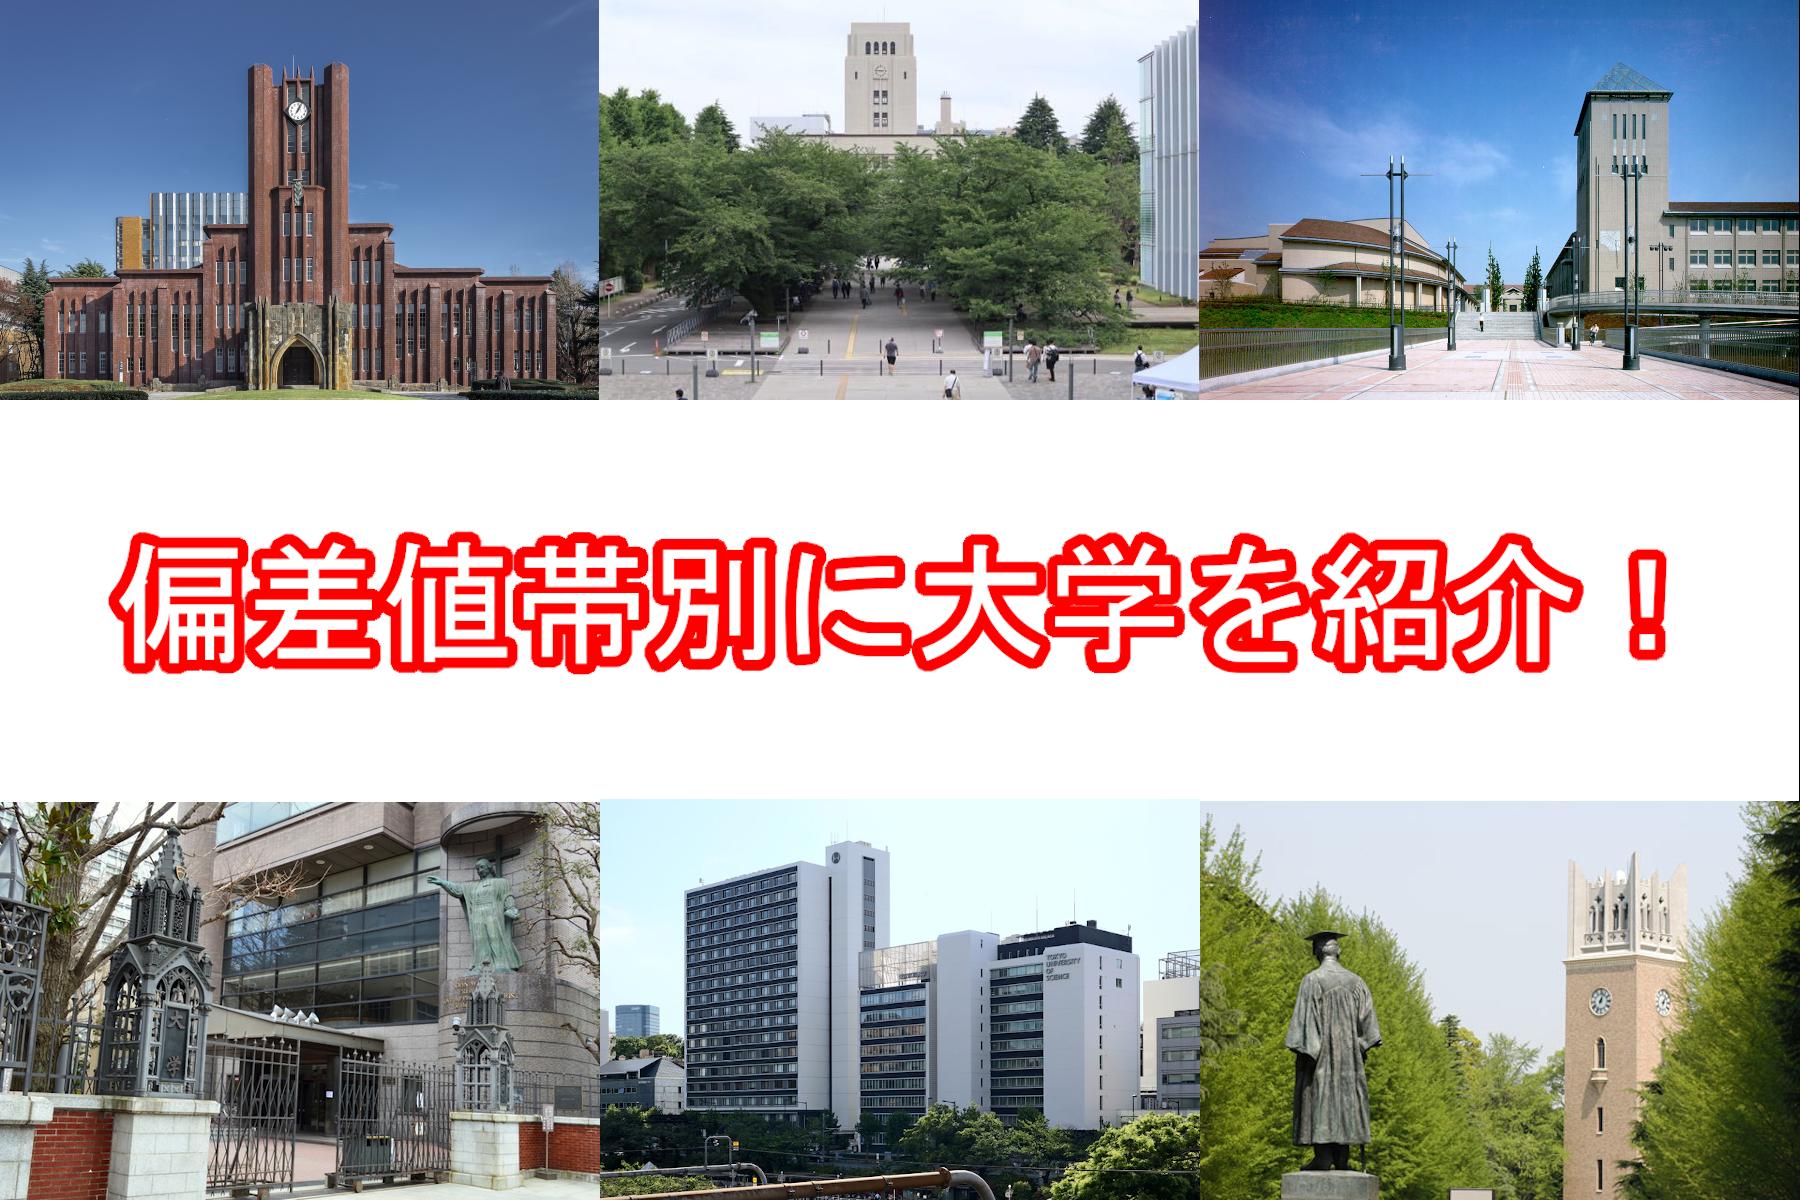 大学 値 偏差 薬科 神戸